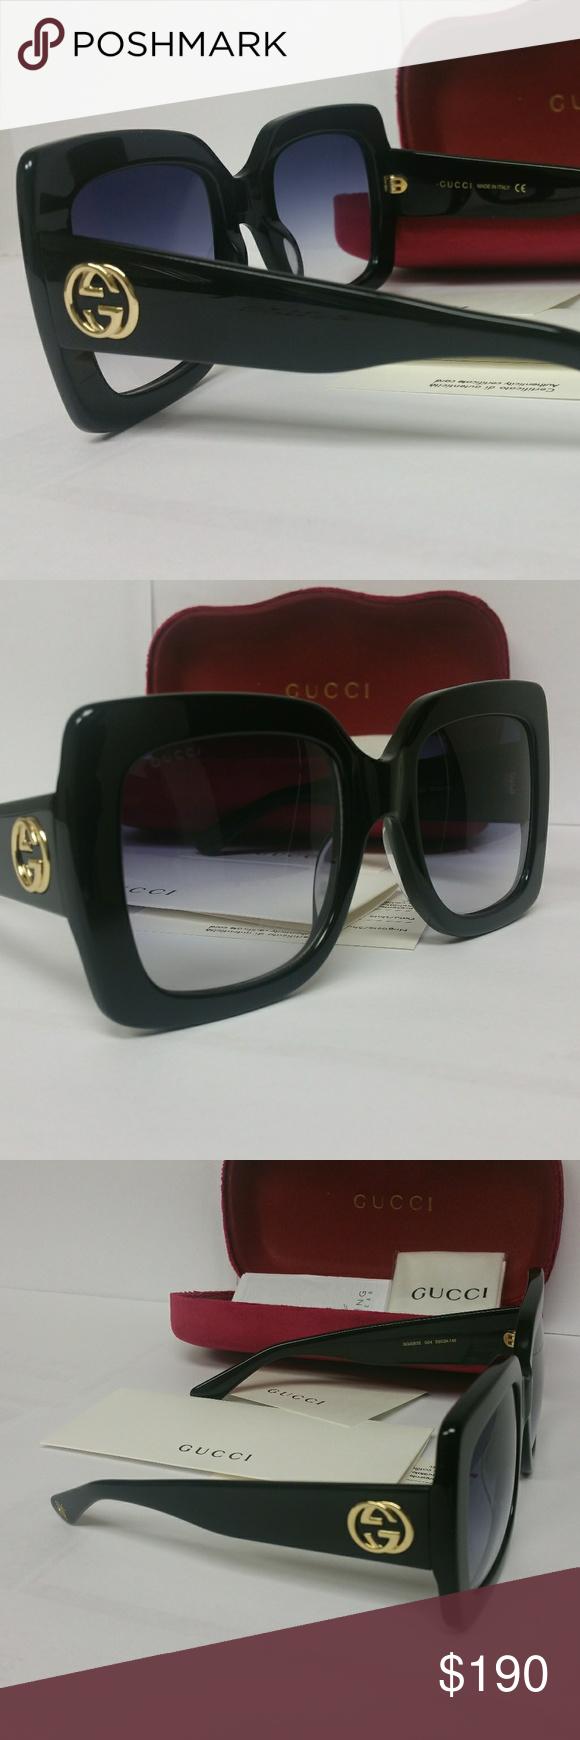 2076ec40bca Authentic Gucci Oversized GG0083S Sunglasses 100% authentic Gucci ...